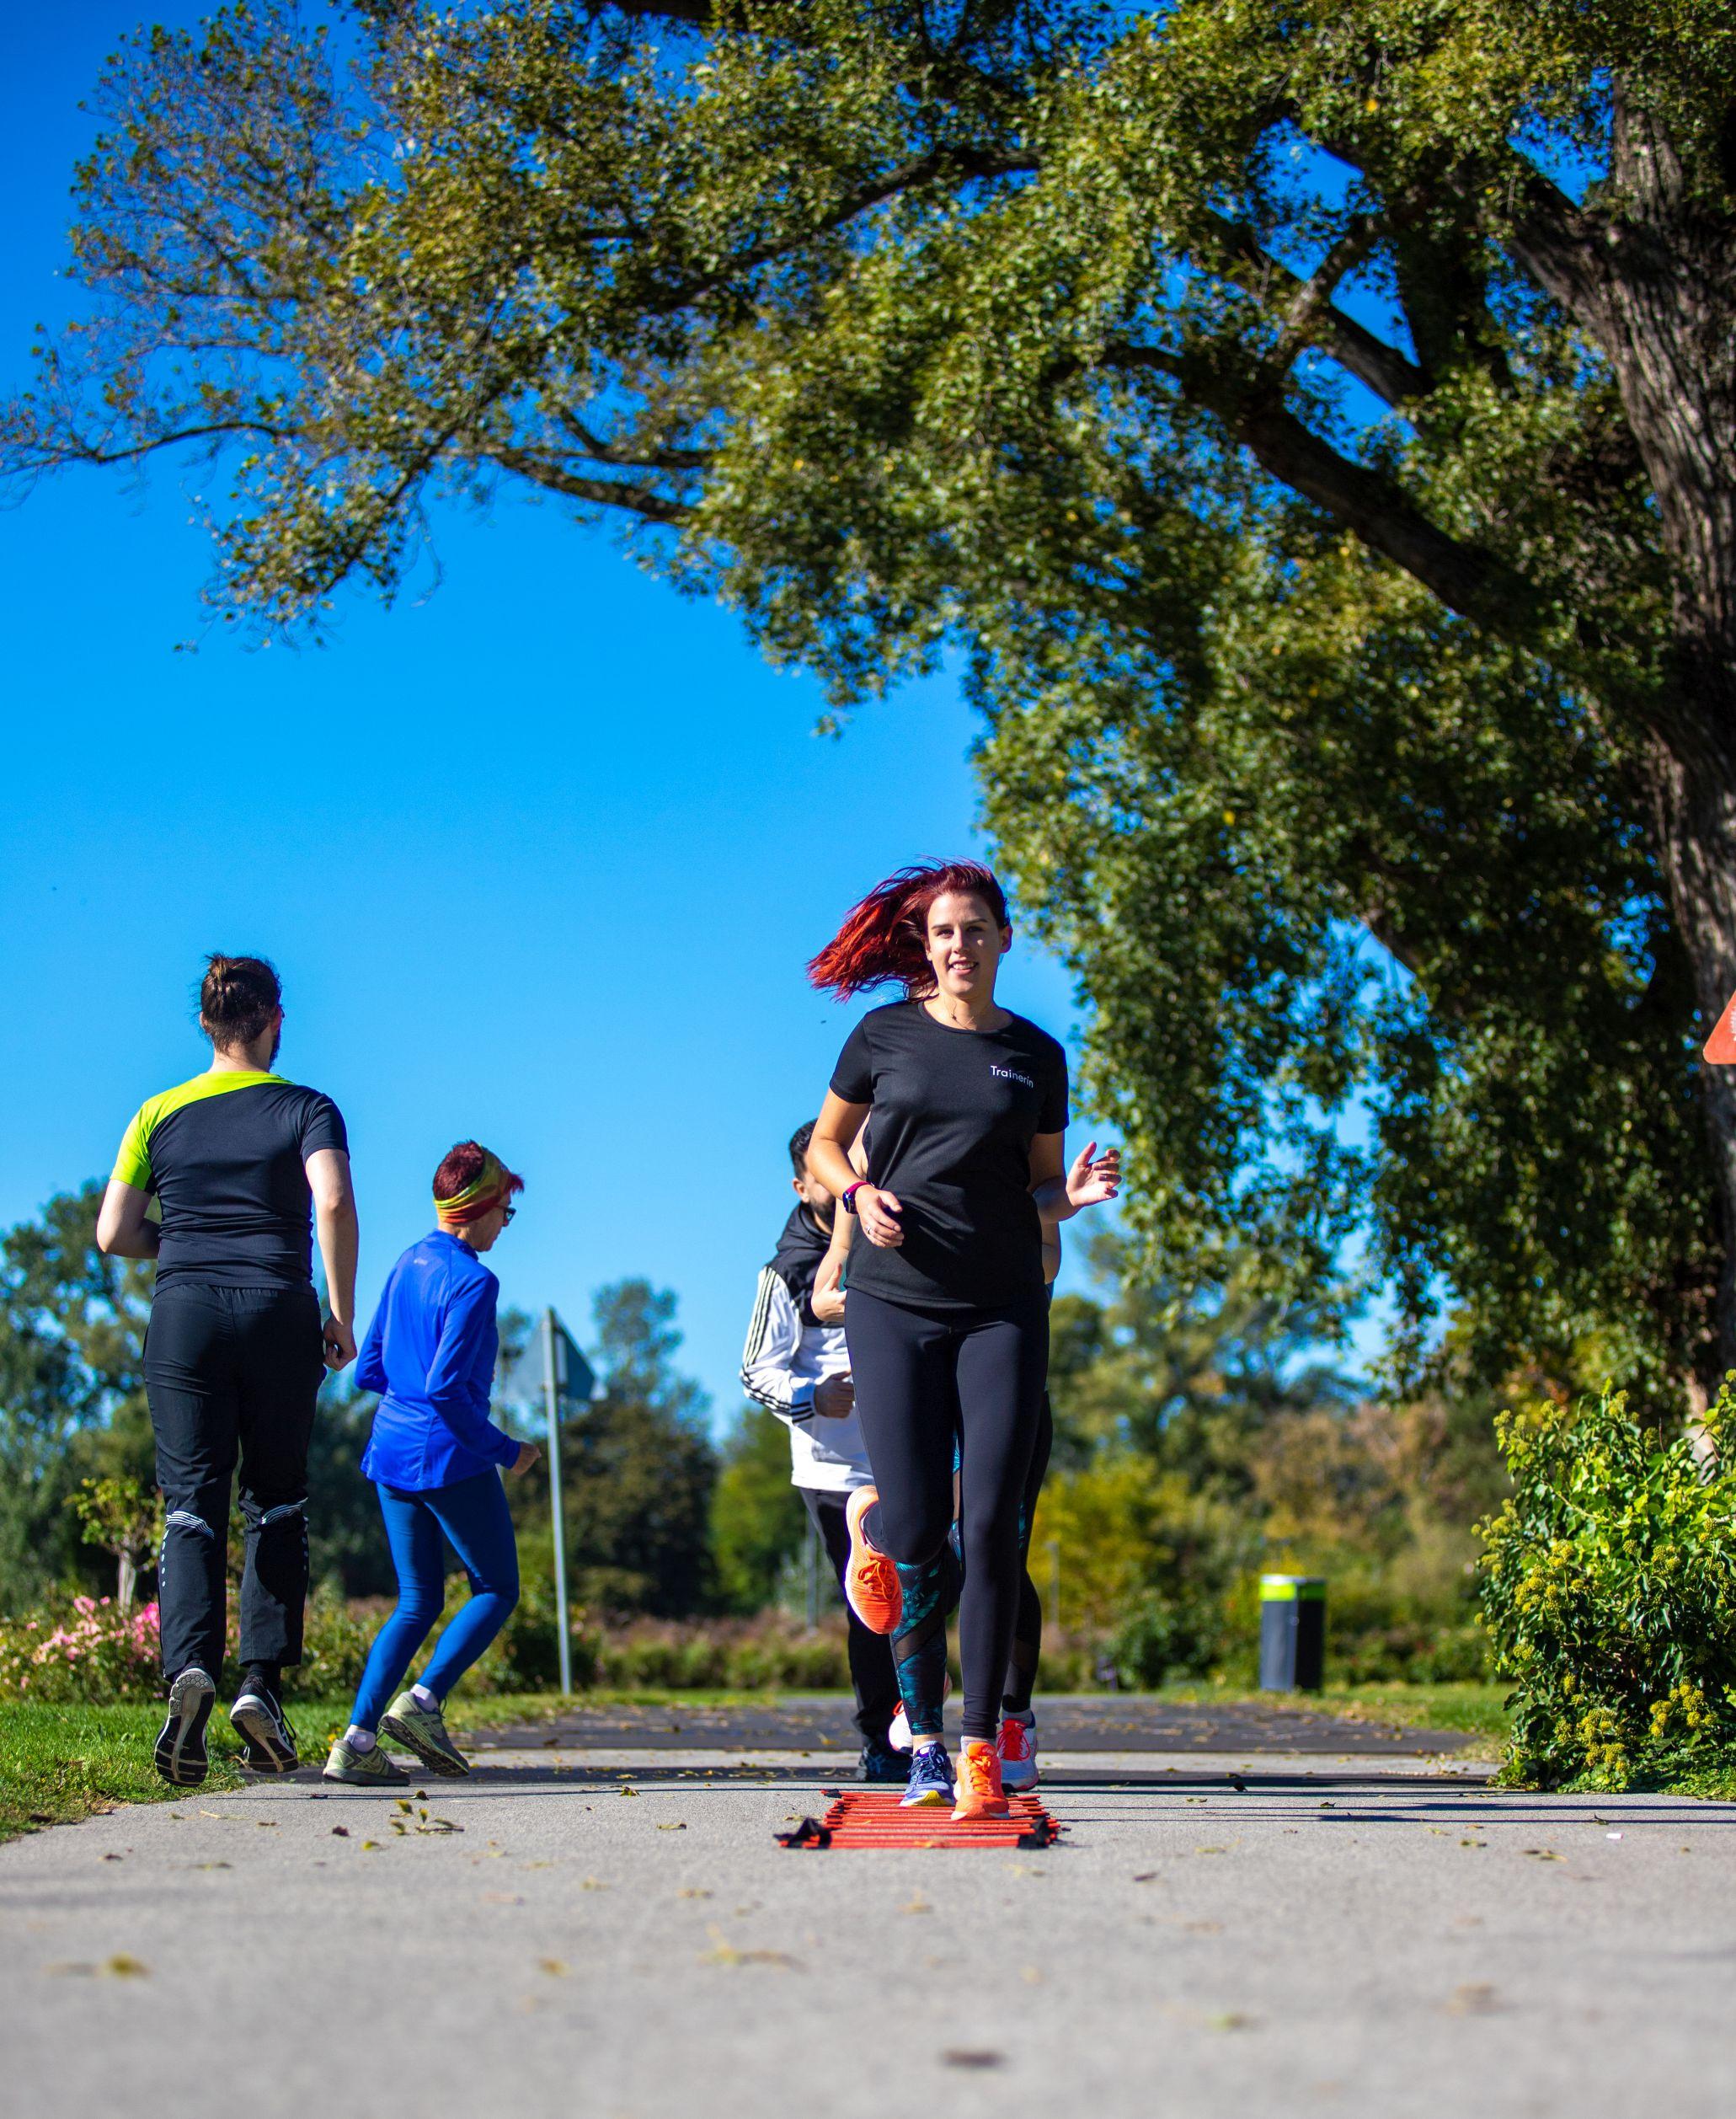 Gruppe von Läufern bei Übungen mit der Laufleiter im Park